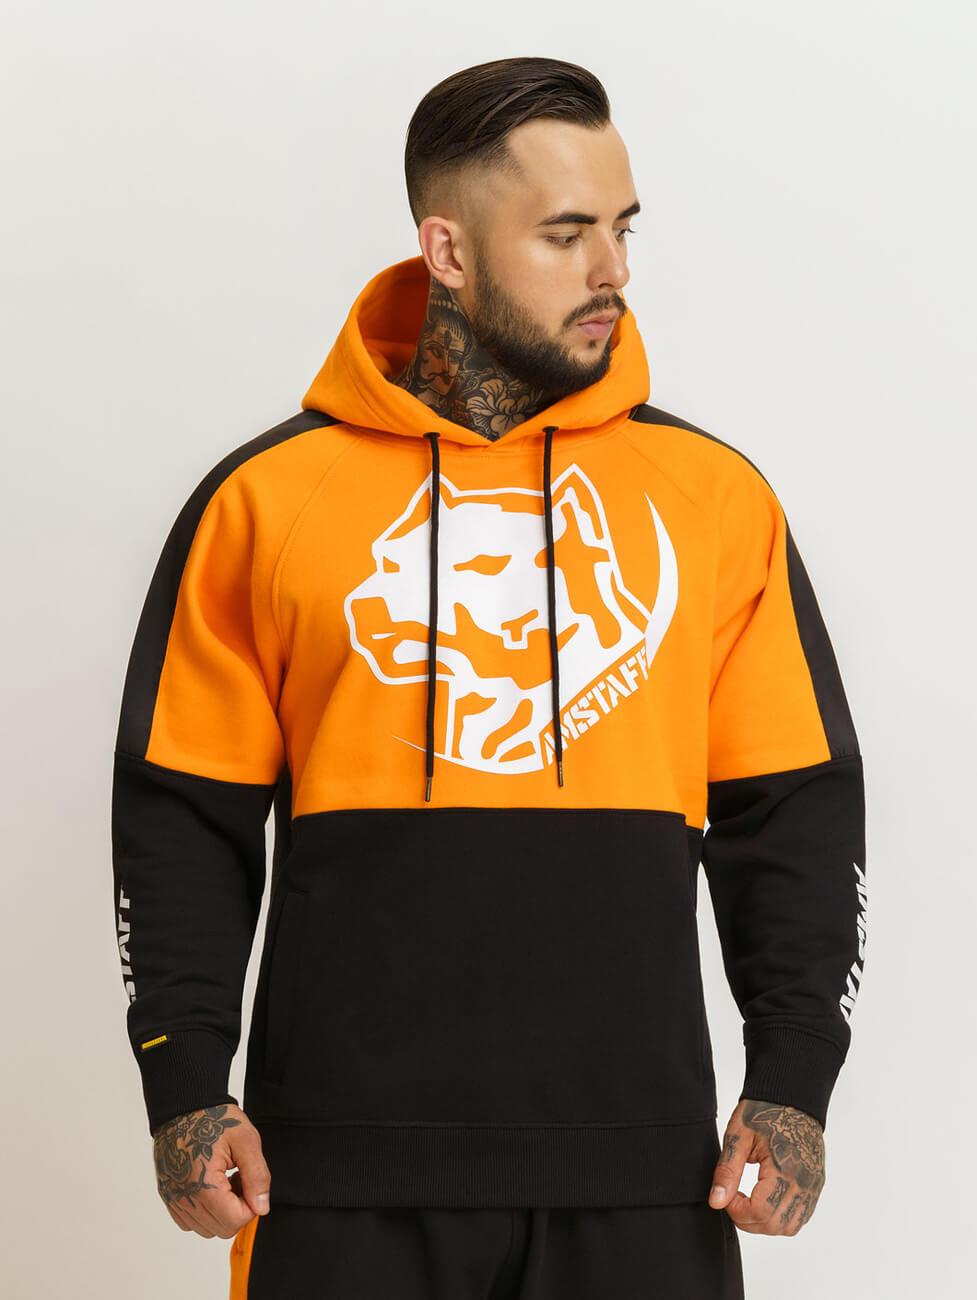 Оранжевый спортивный костюм мужской Amstaff Dozer orange